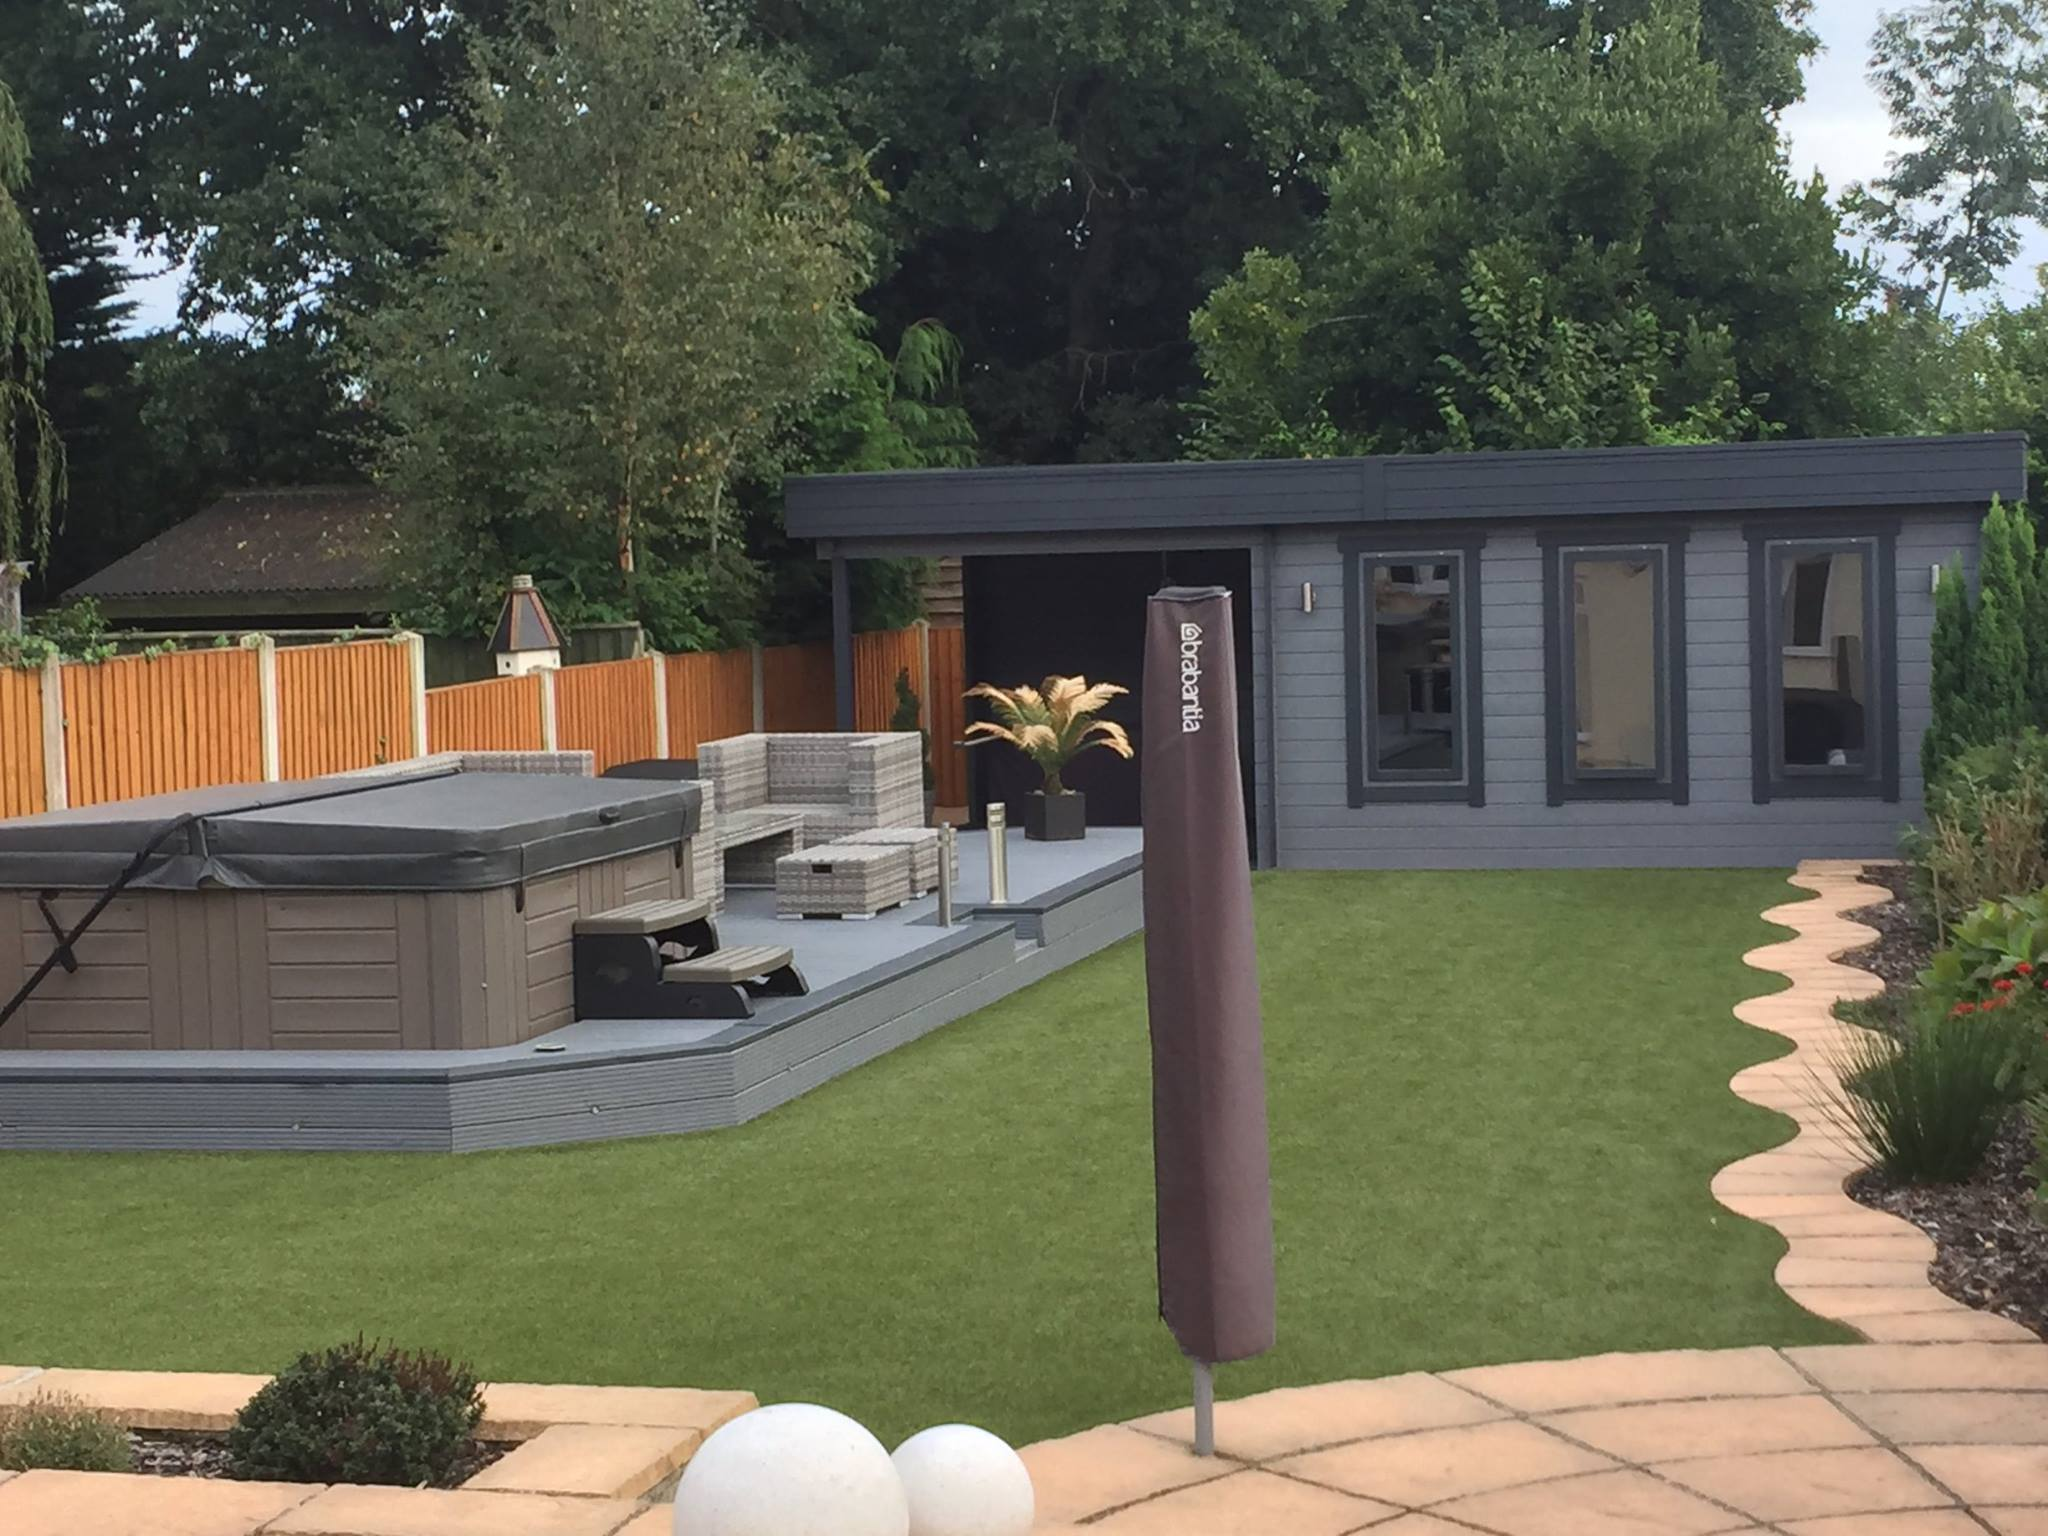 Caseta de jard n con terraza jacob e 12ms 7x3m 44mm for Casetas de jardin con porche